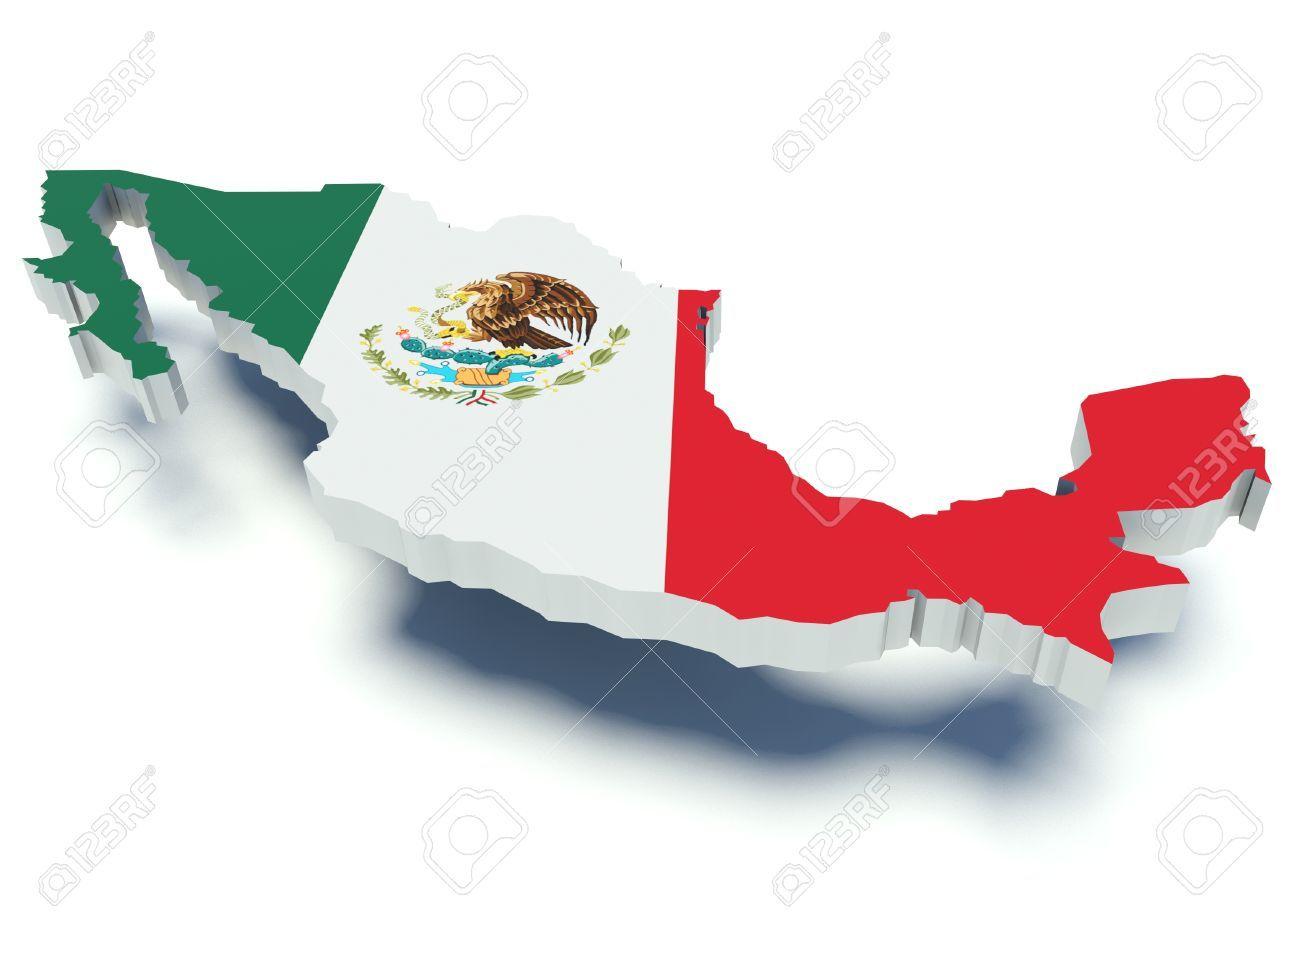 Mapa De Mexico Con Colores De La Bandera 3d Ilustracion Mapa De America Latina Mapa De America Mapa De Mexico